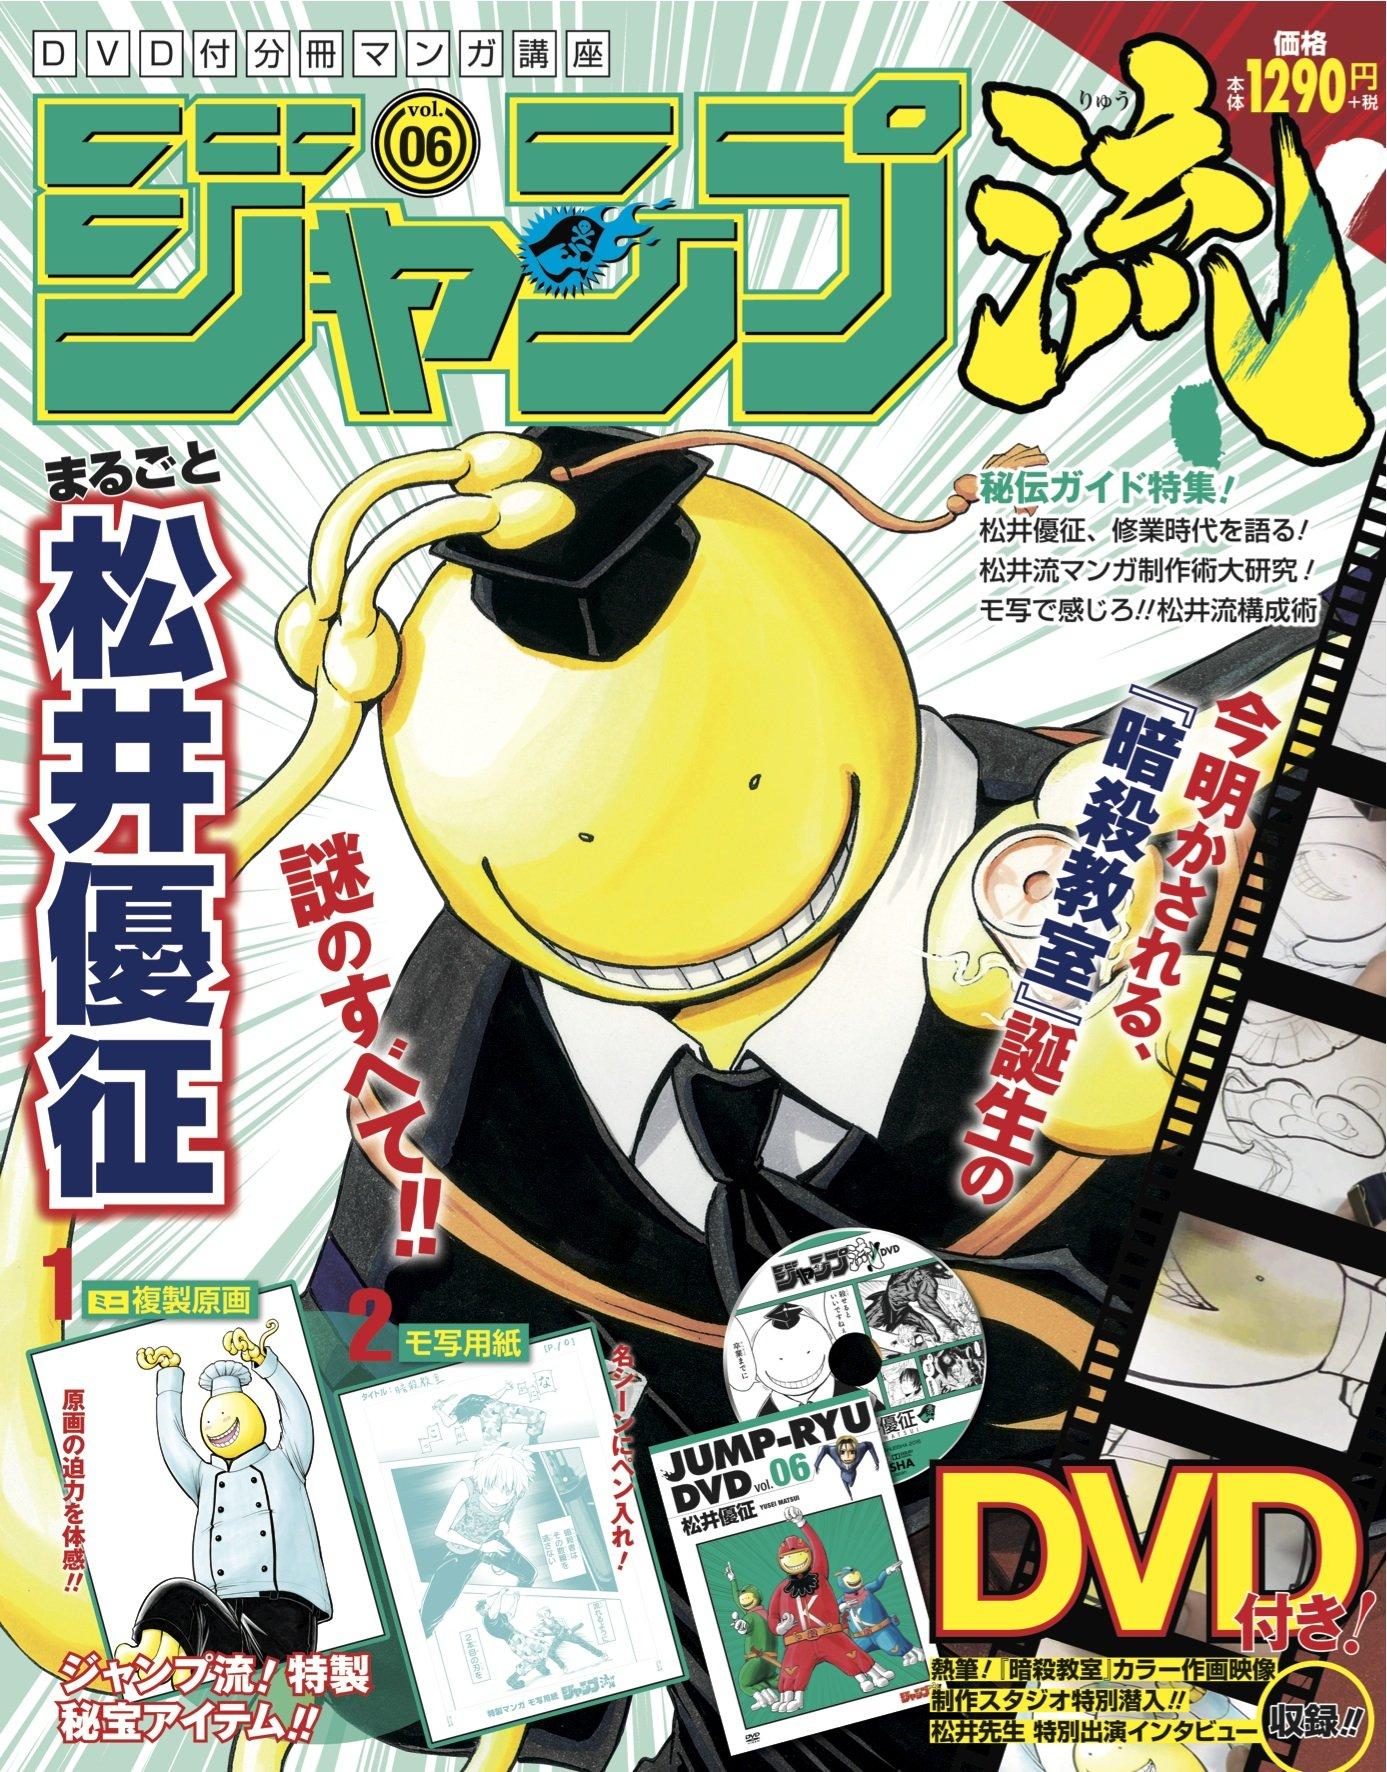 ジャンプ流! DVD付分冊マンガ講座 6巻